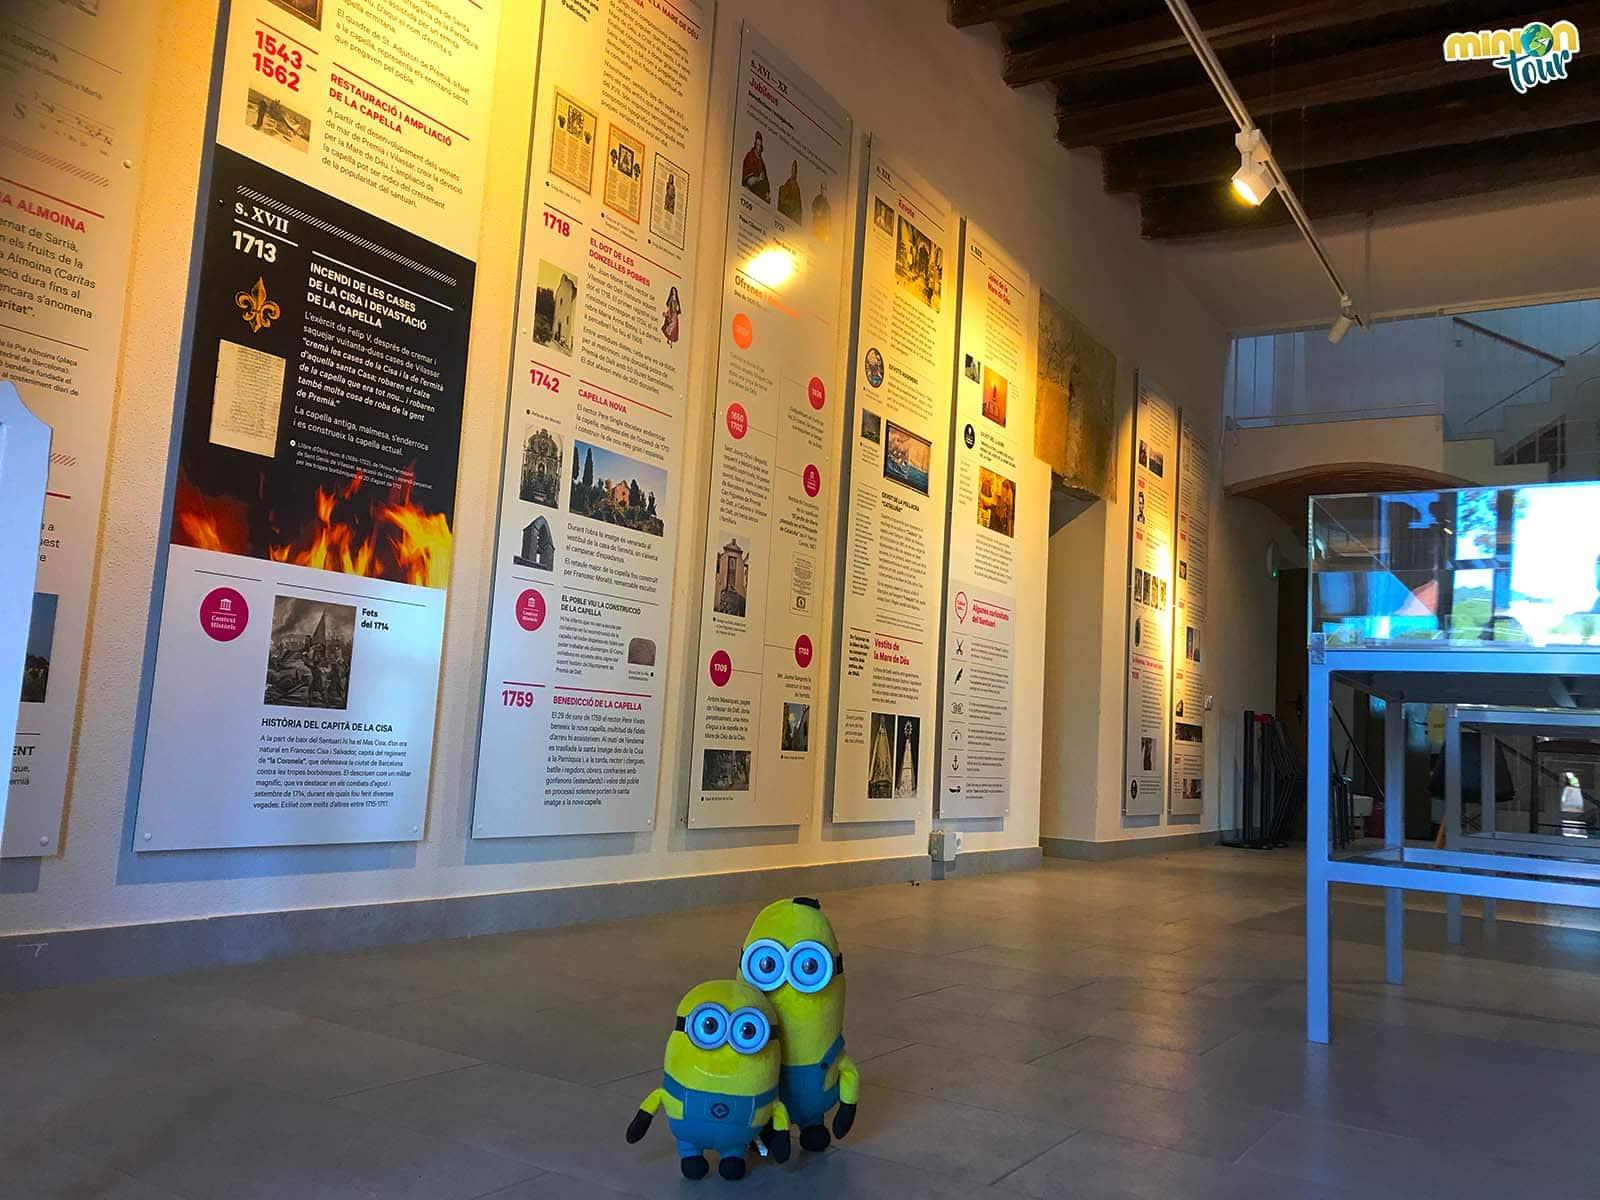 Sala con información sobre la Cisa